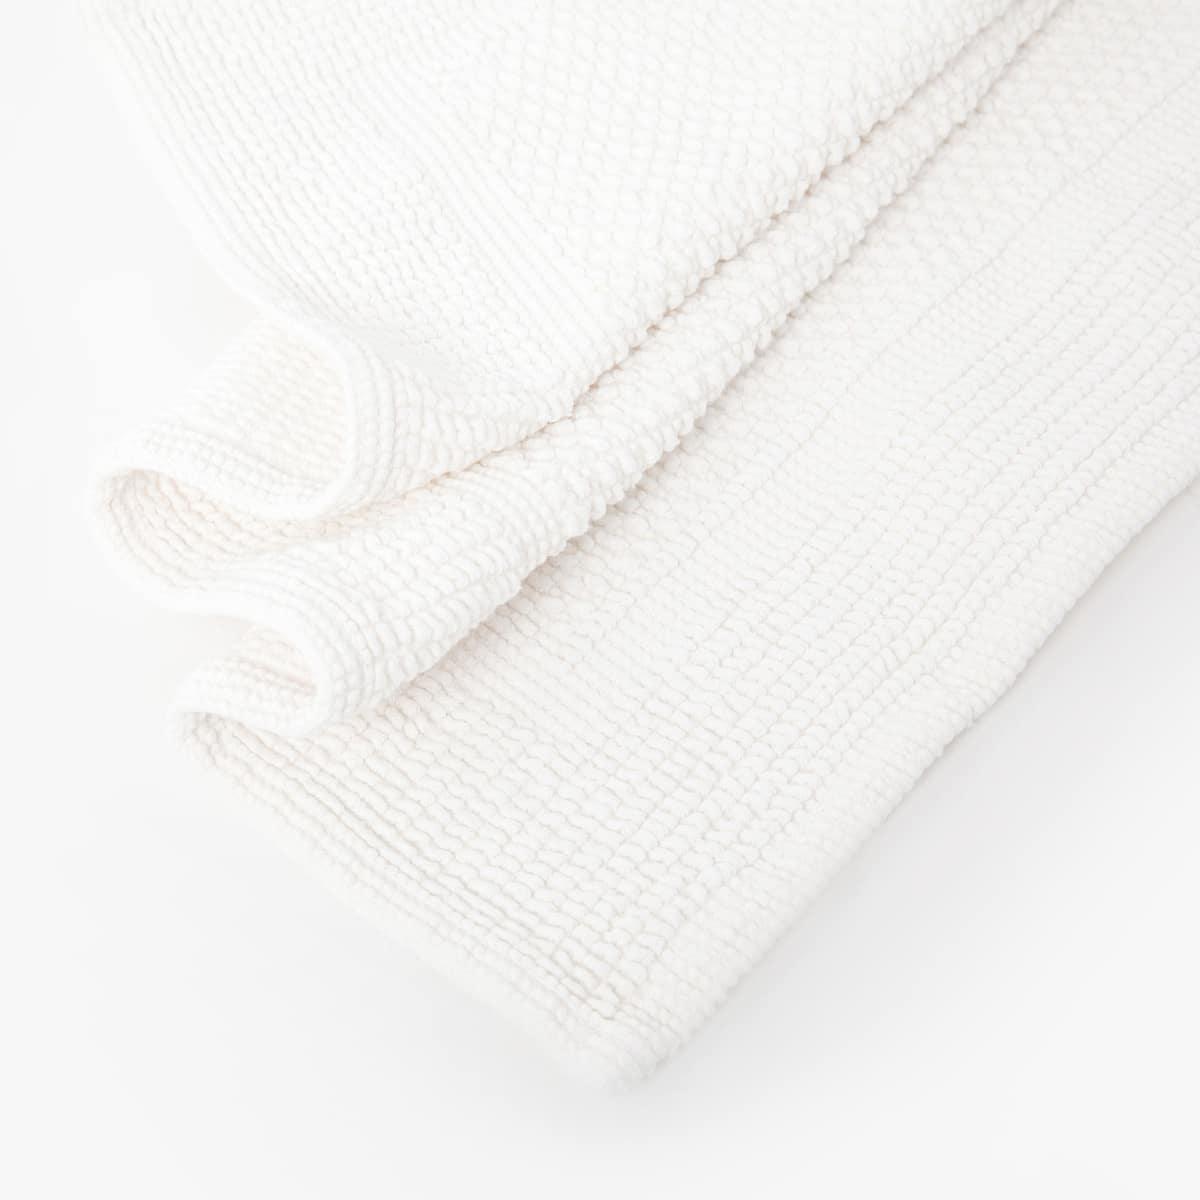 Afbeelding 4 van het product Geknoopte basic badmat